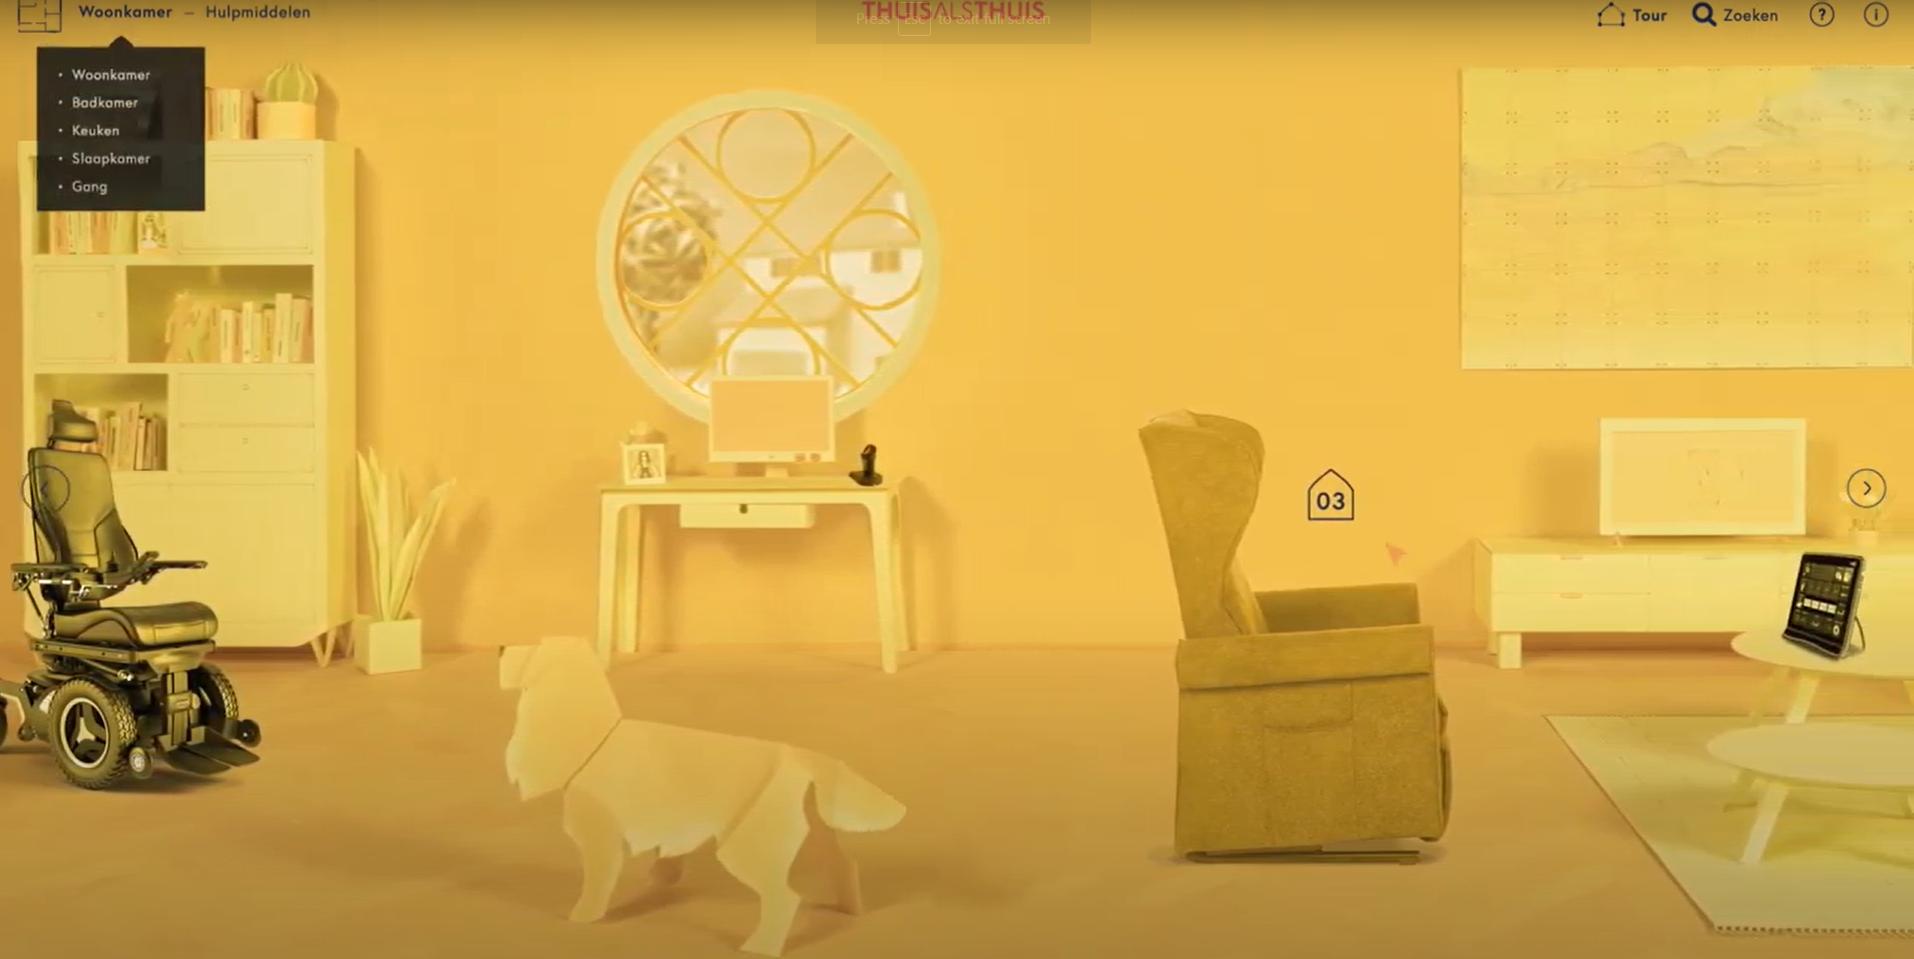 screenshot video van virtueel huis